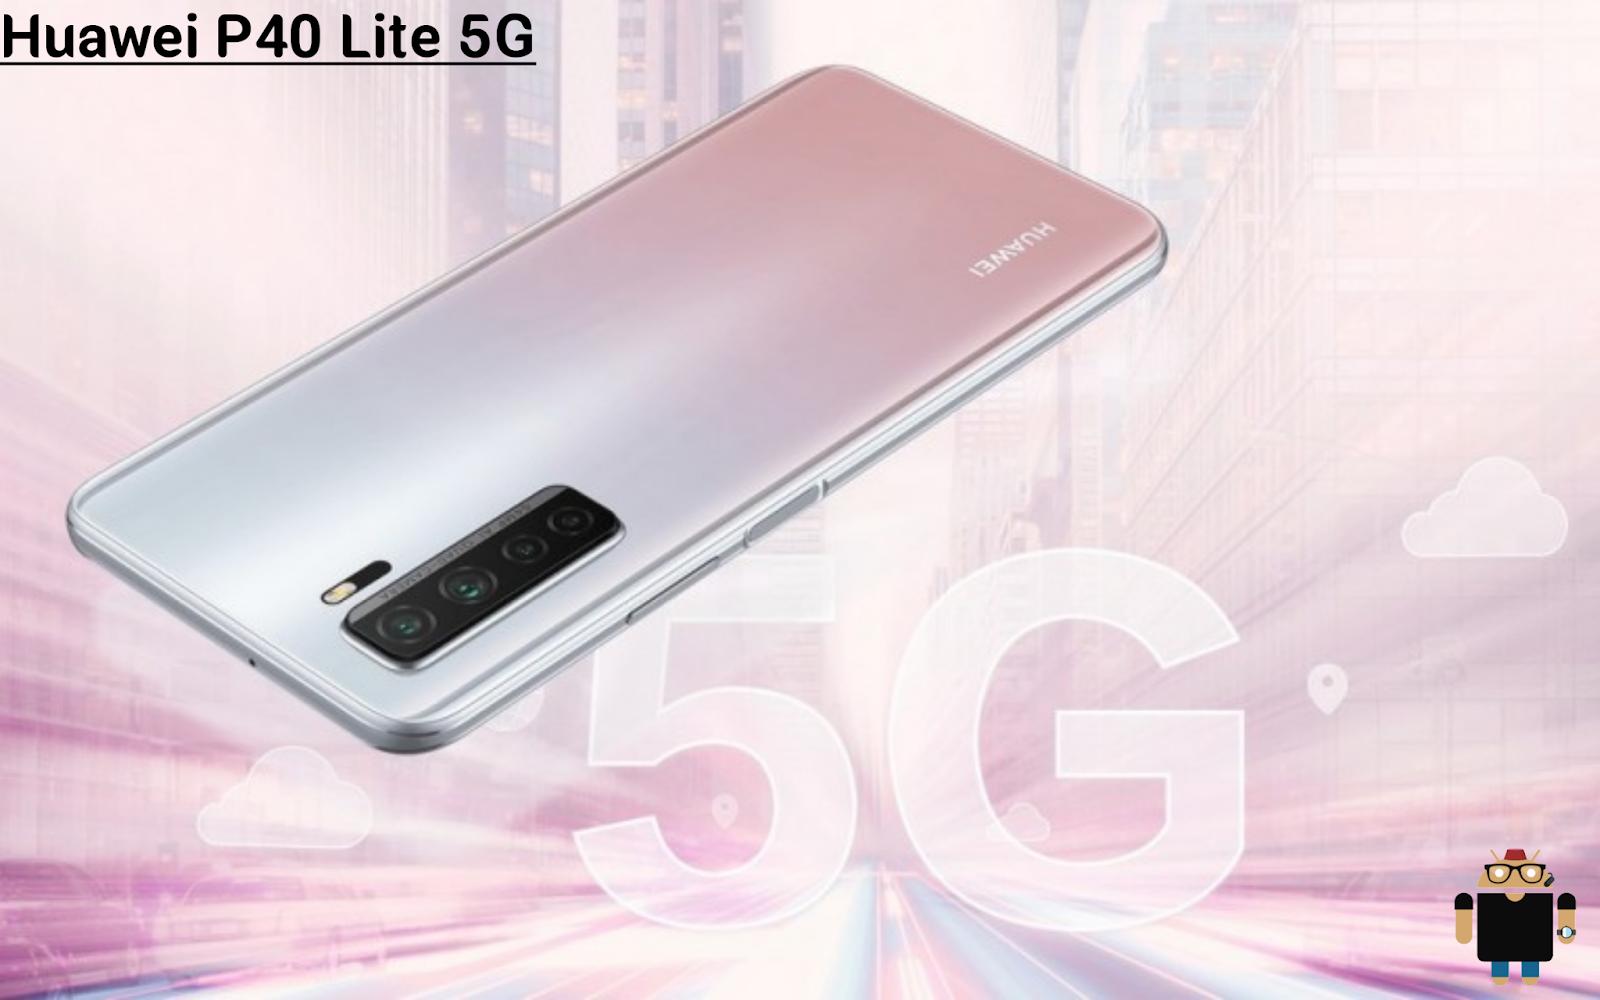 الإعلان رسميًا عن الهاتف Huawei P40 Lite 5G مع تصميم ومواصفات مألوفة في أوروبا